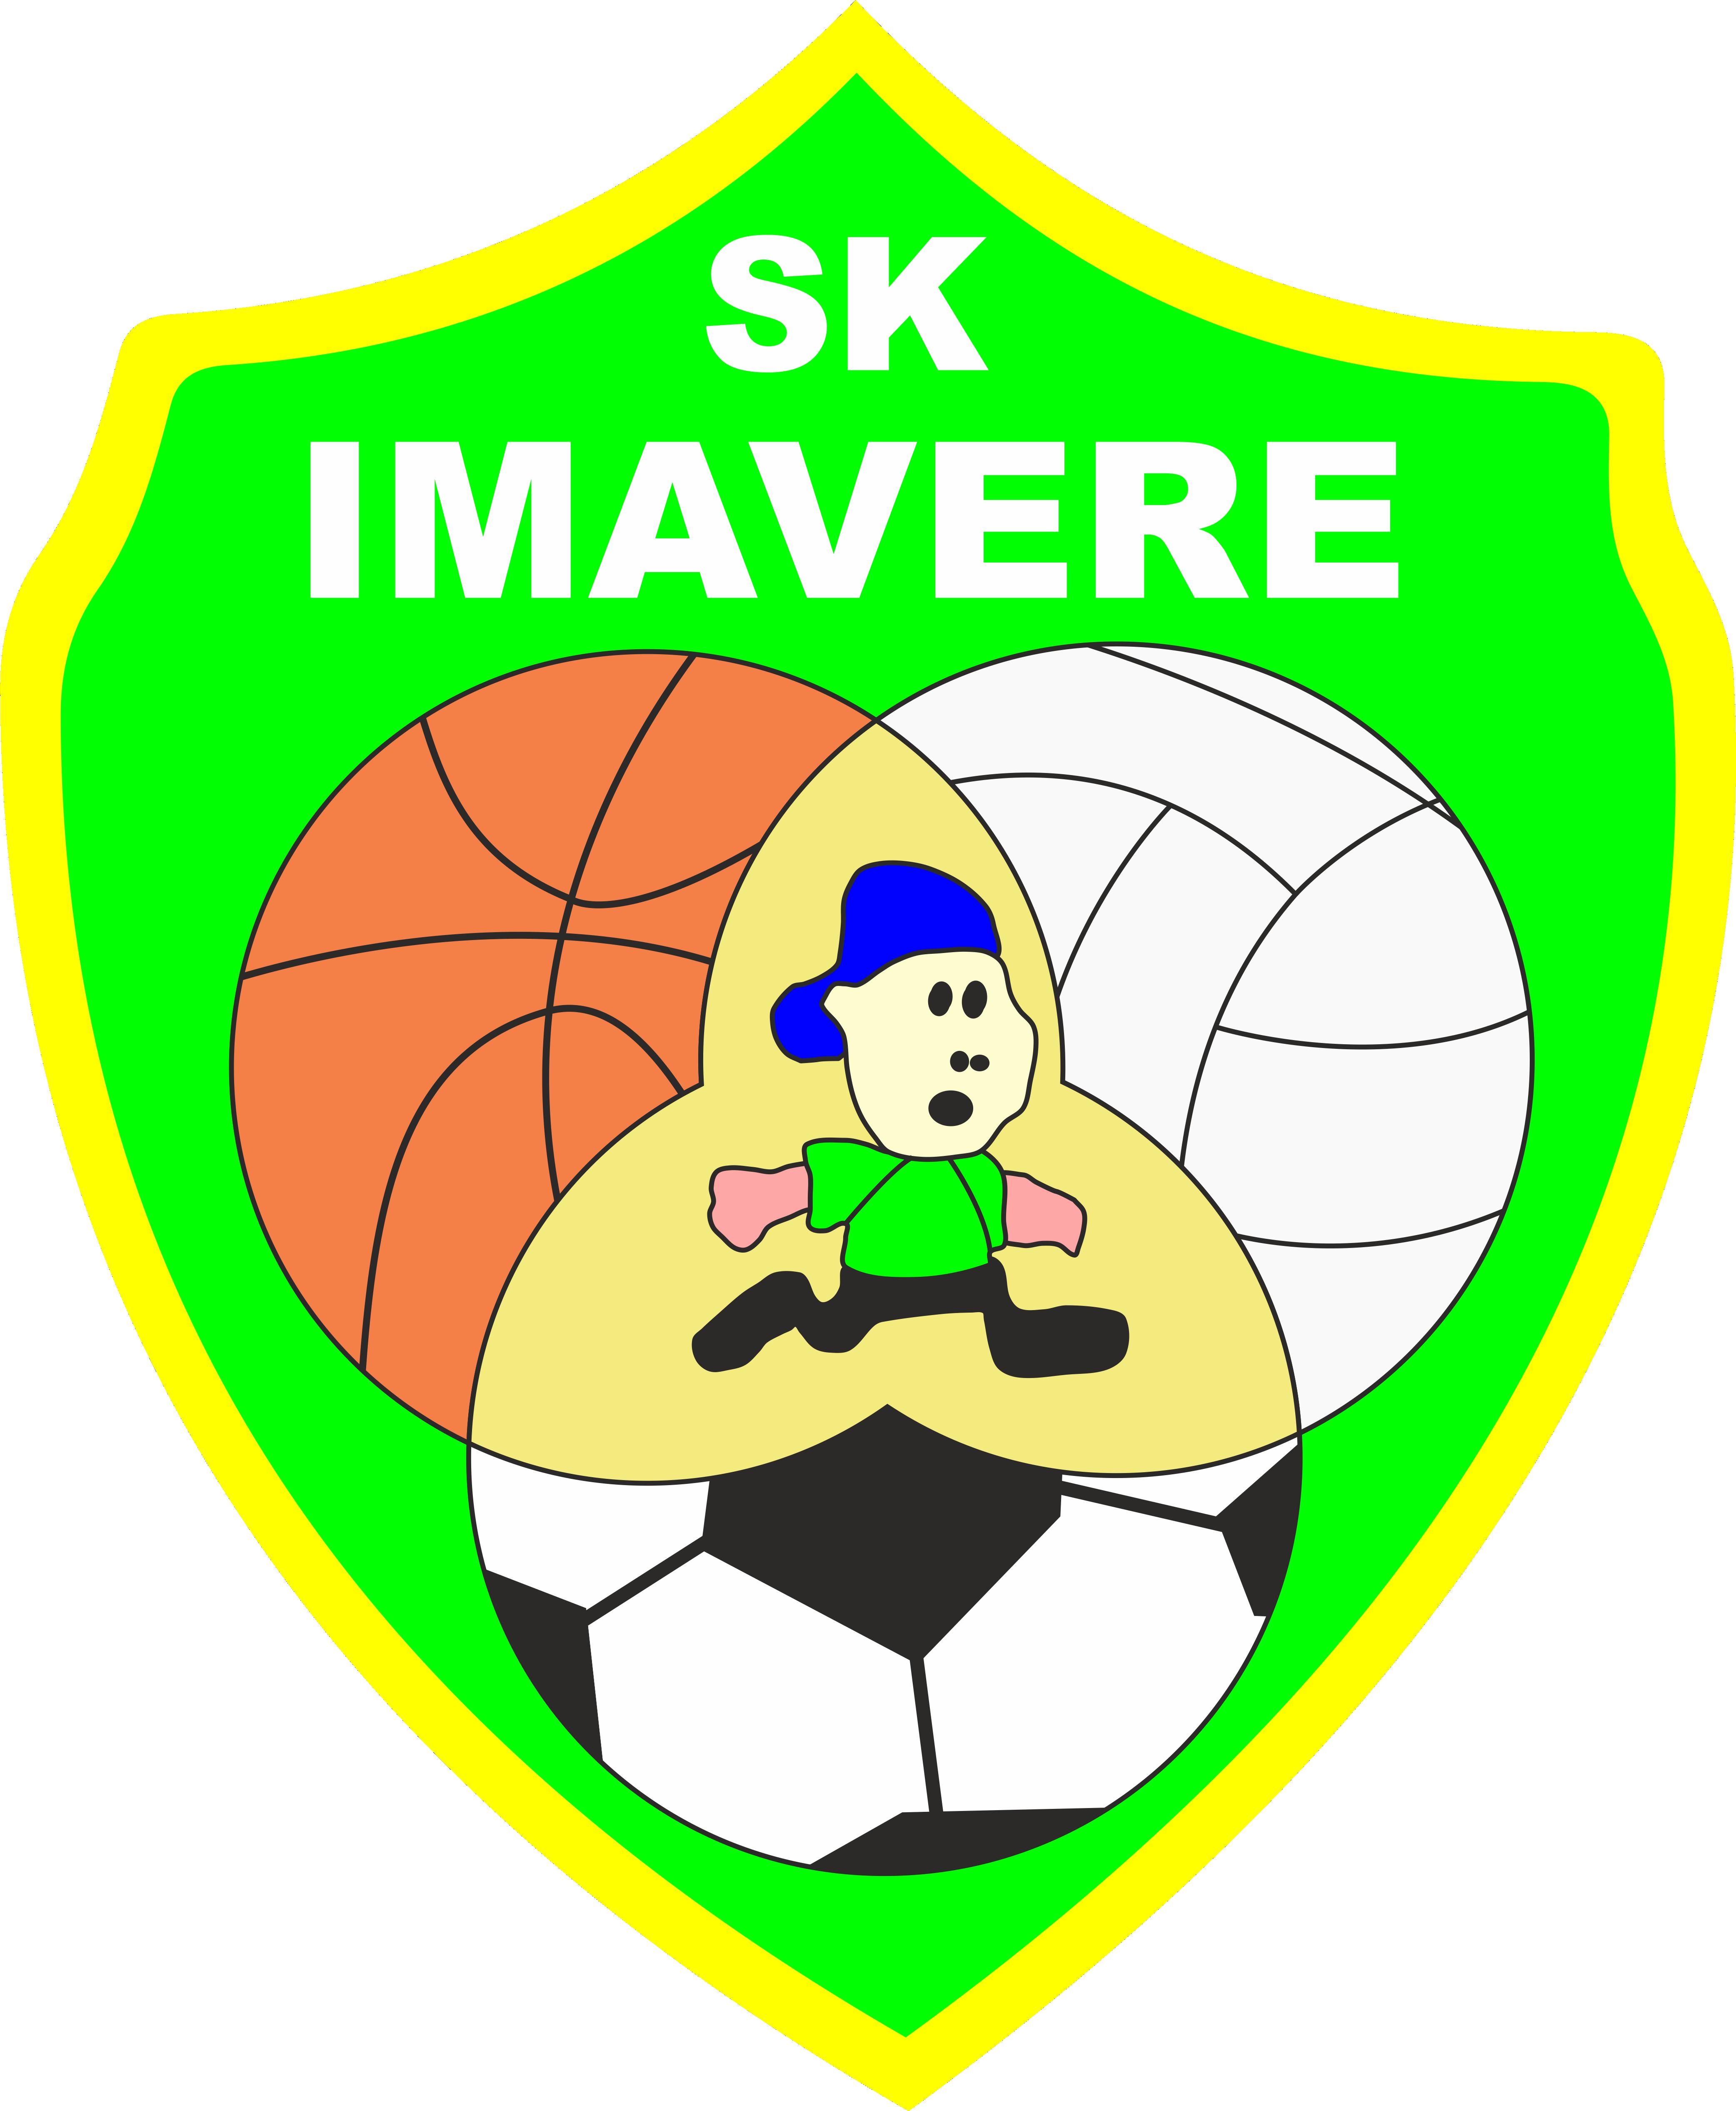 SK Imavere